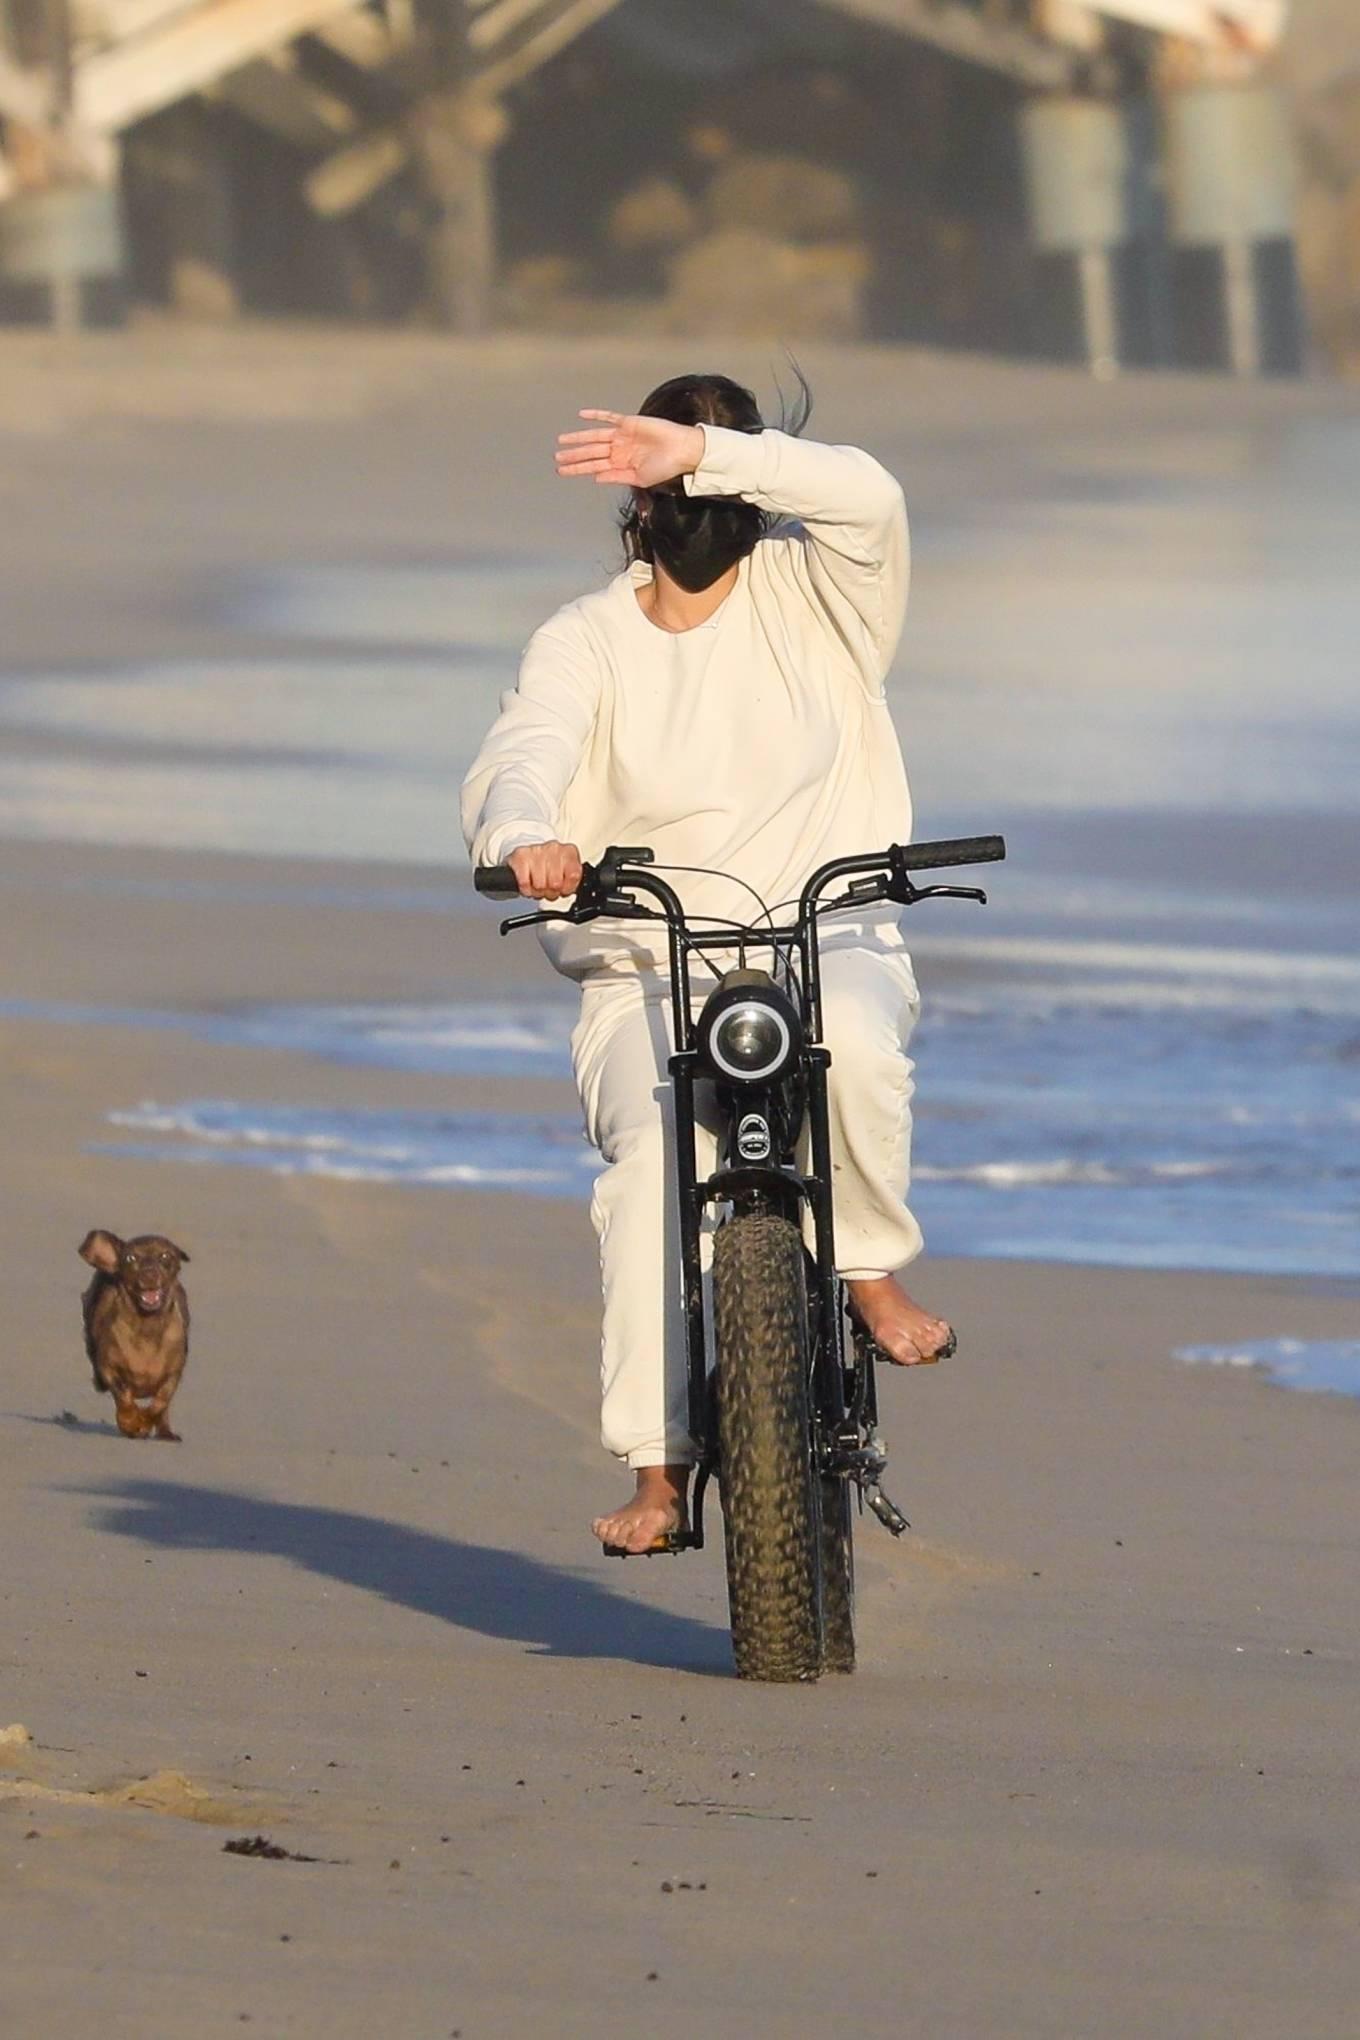 Sofia Richie 2020 : Sofia Richie – Riding motorbike on the beach in Malibu -12